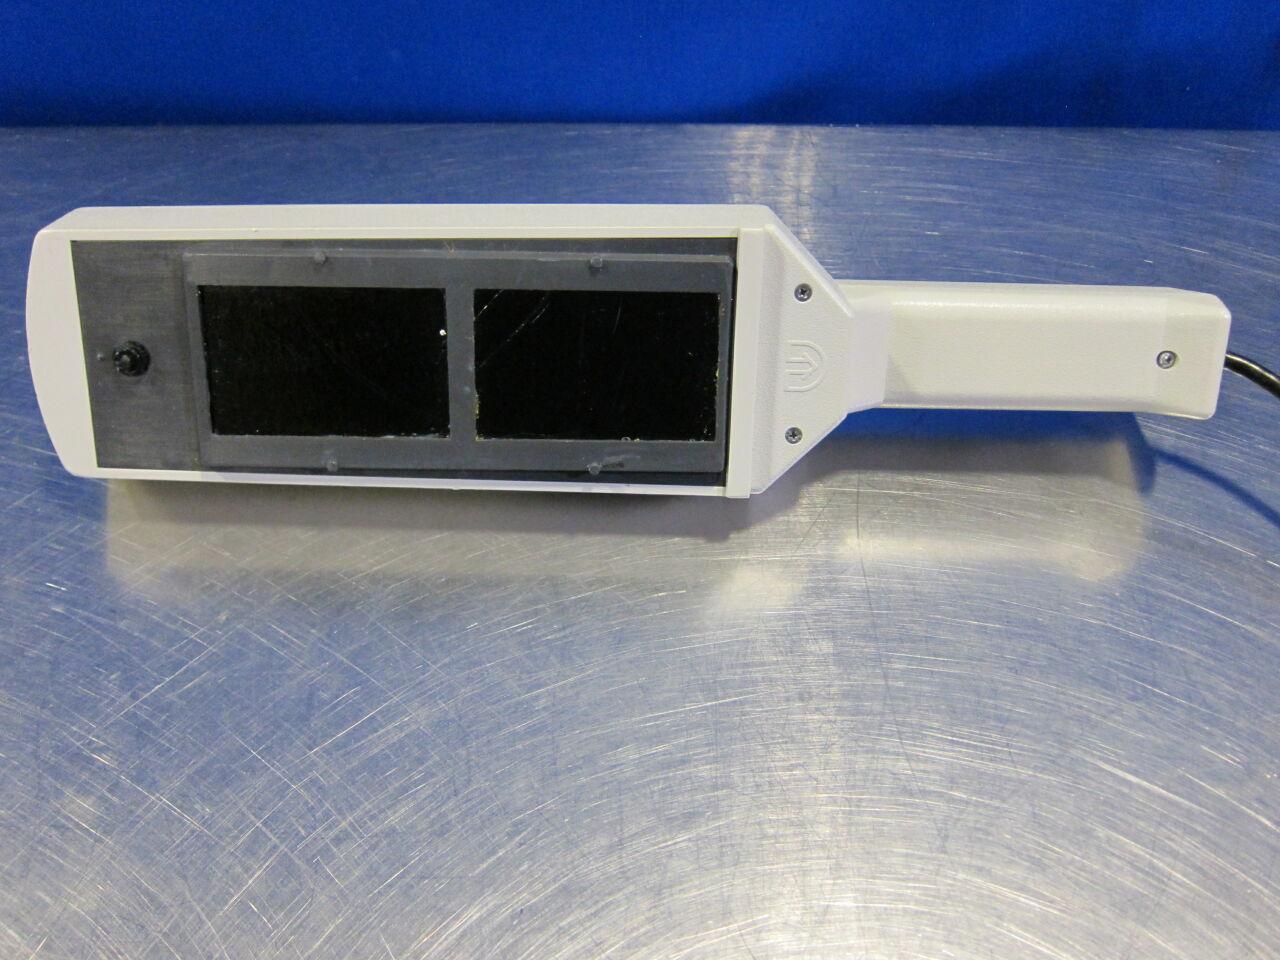 UVP Blak-Ray UVL-56 UV Light